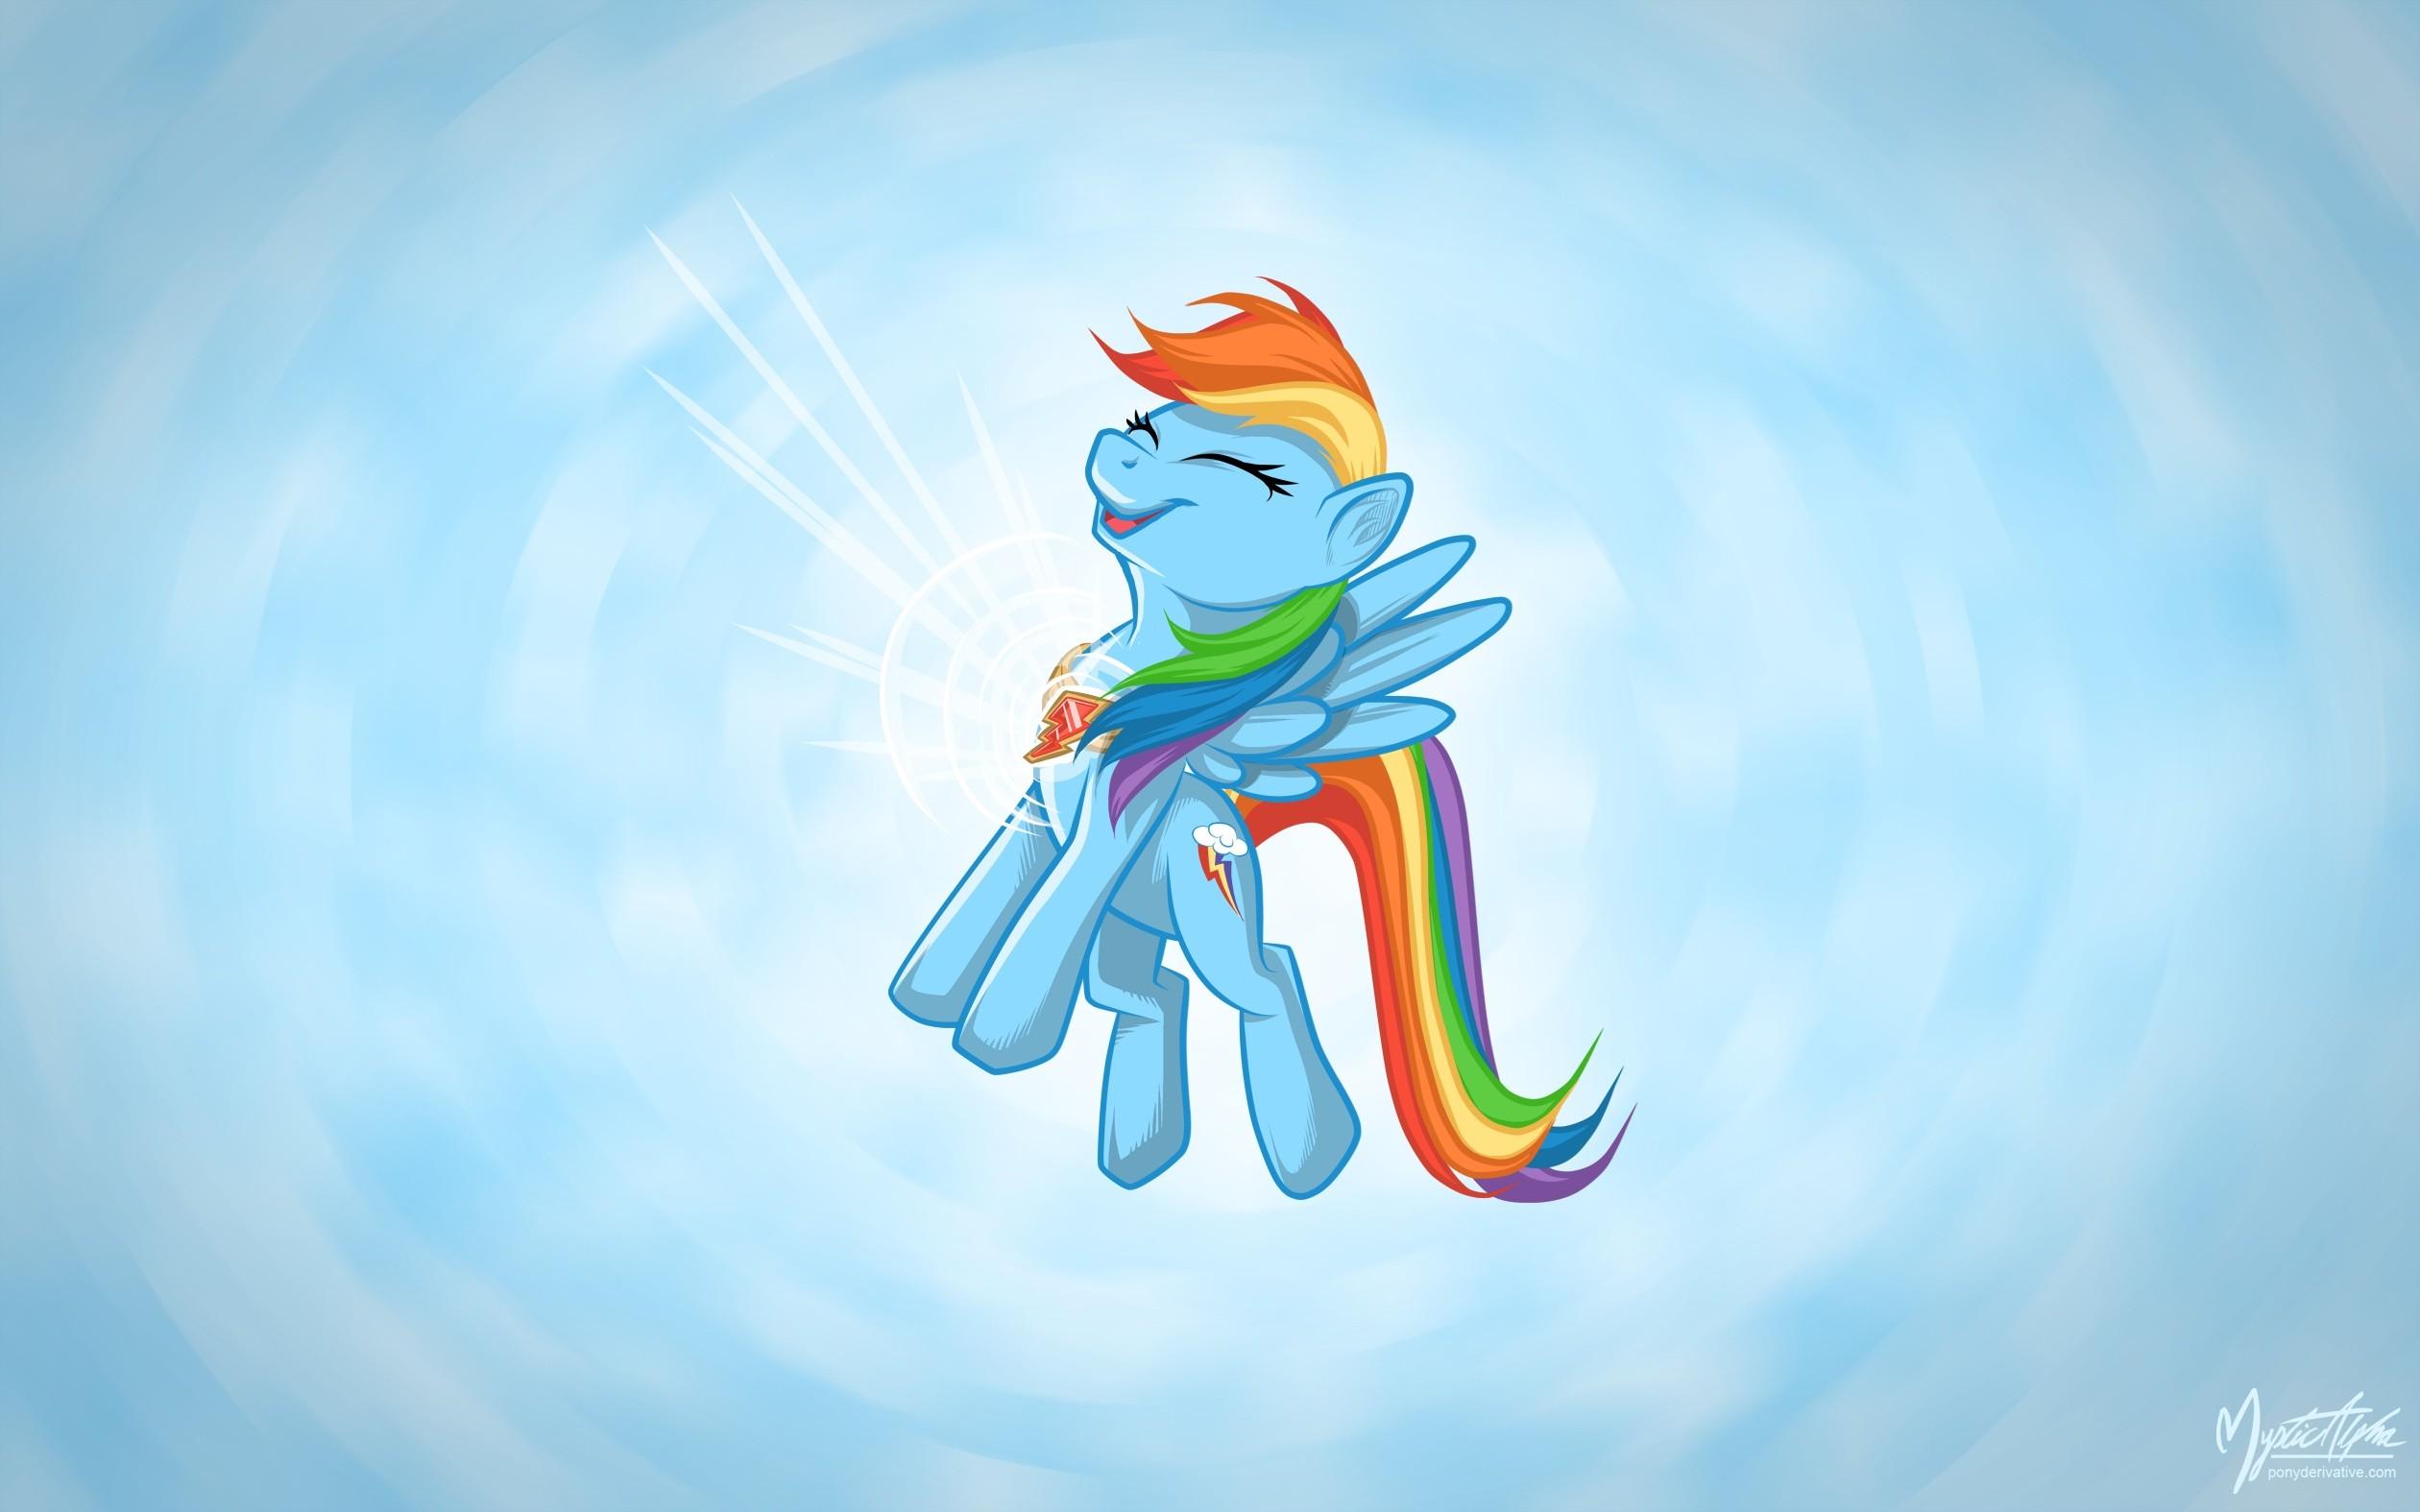 Un pony para niños - 2520x1575